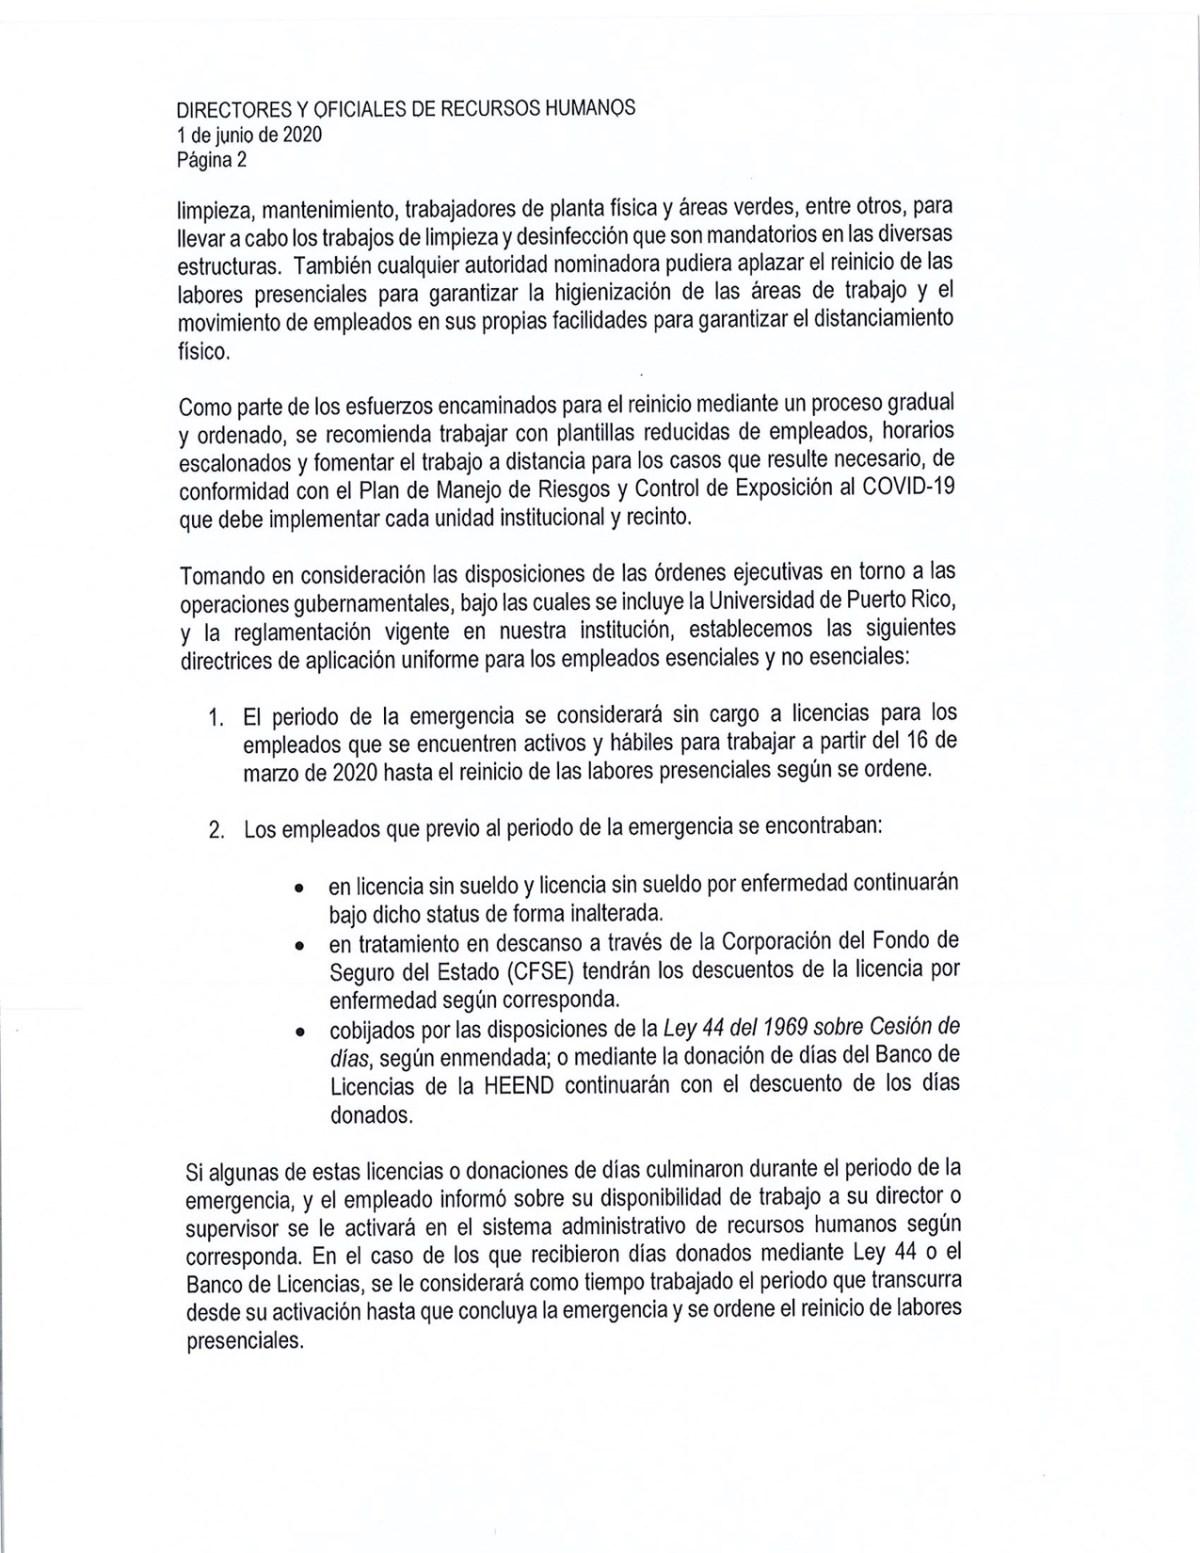 circular adm central reinicio labores presenciales UPR-2